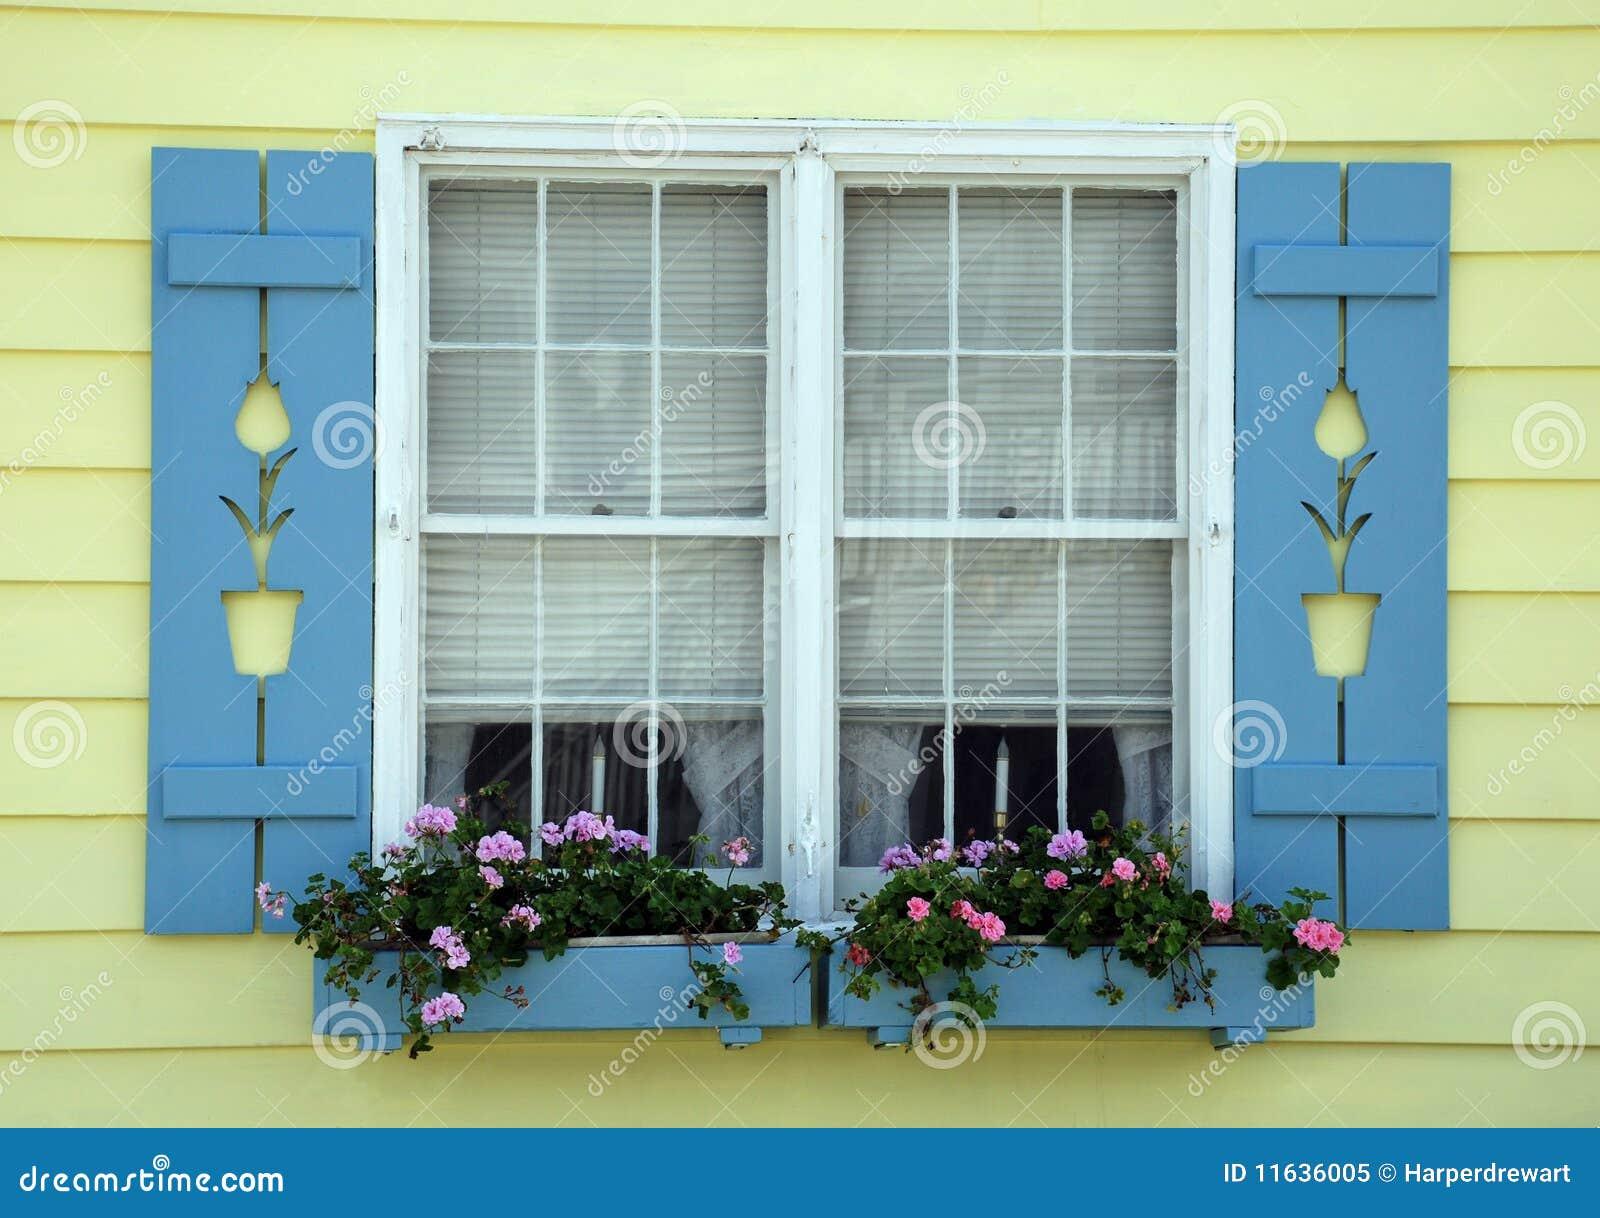 Tulip cottage window royalty free stock photo image 11636005